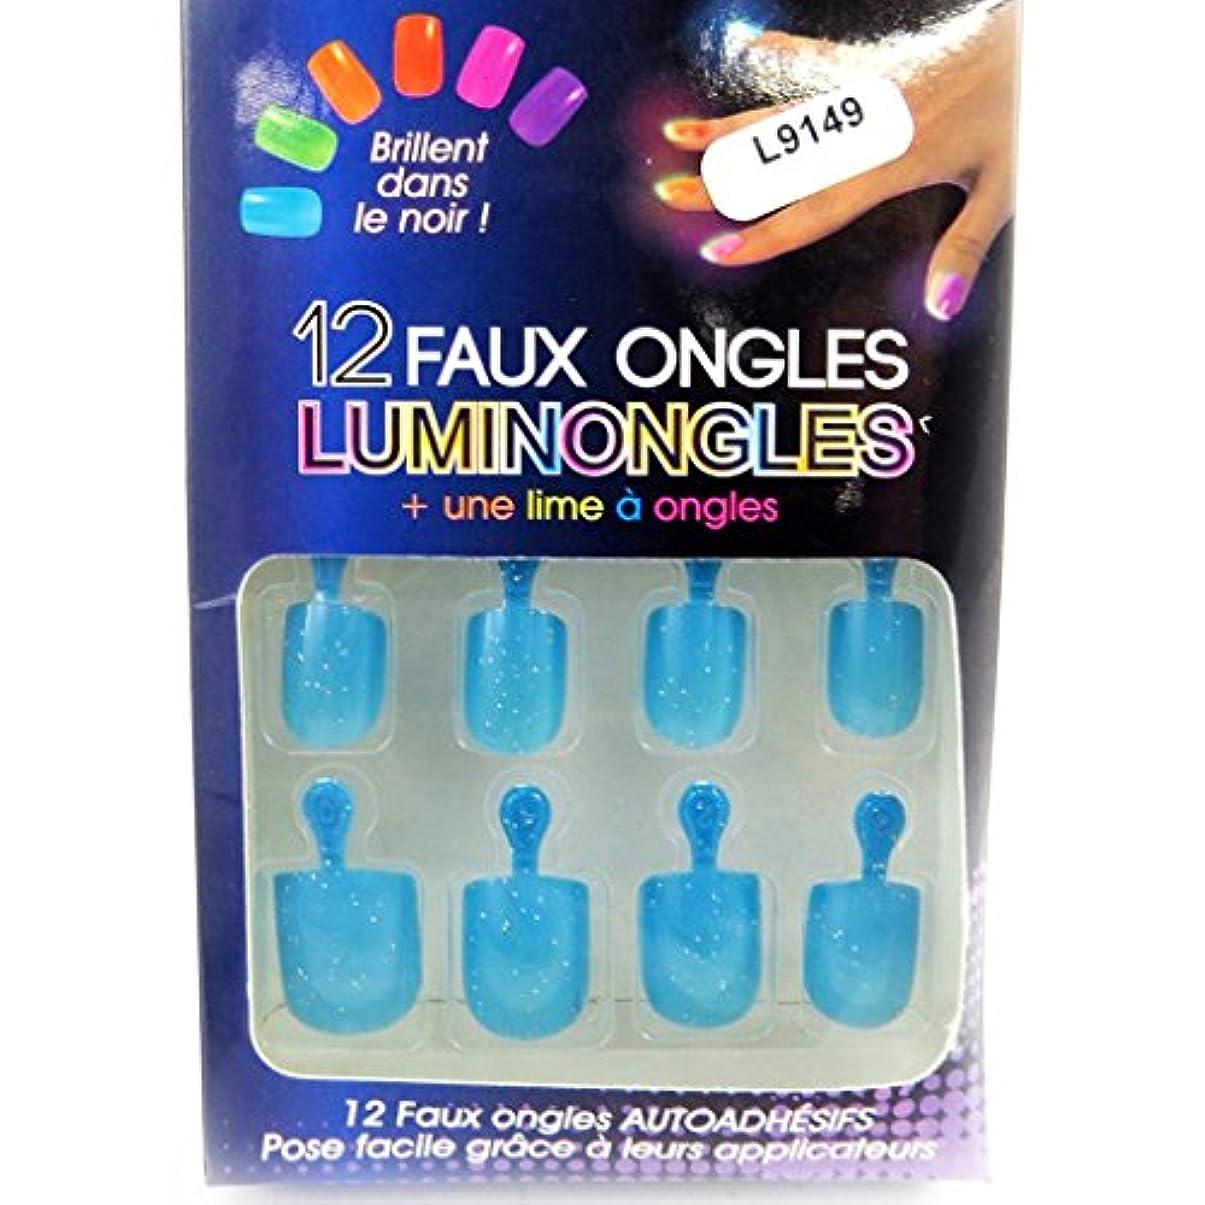 憤る購入田舎者[リリーの宝 (Les Tresors De Lily)] (Luminongles コレクション) [L9149] アクリルスカルプチュア ブルー